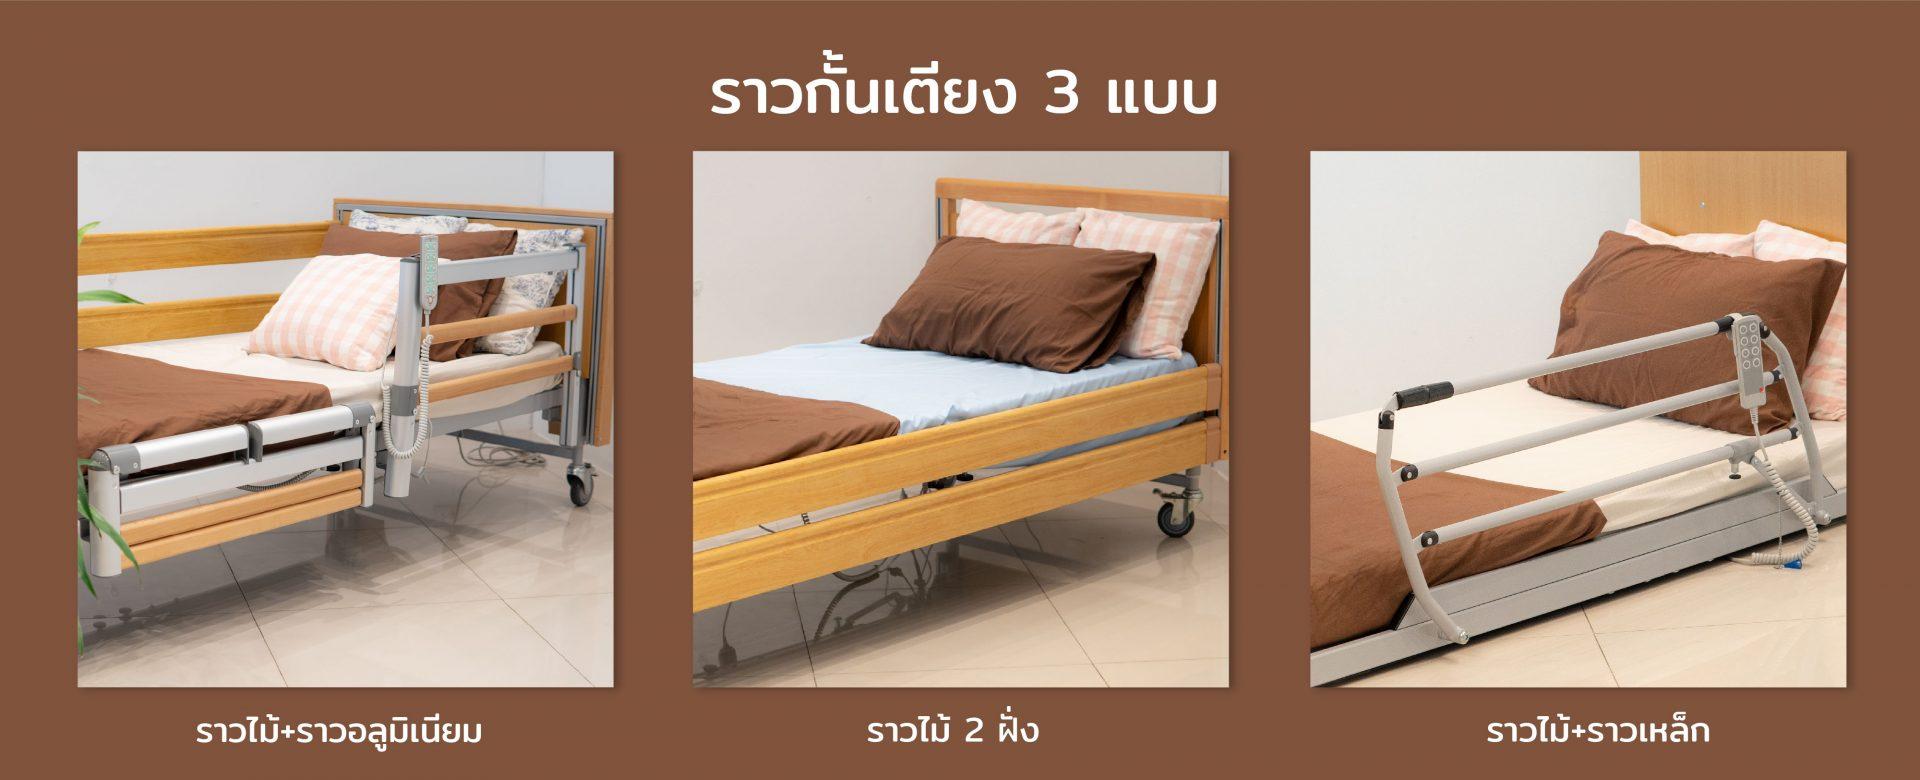 เซตราวกั้นเตียง